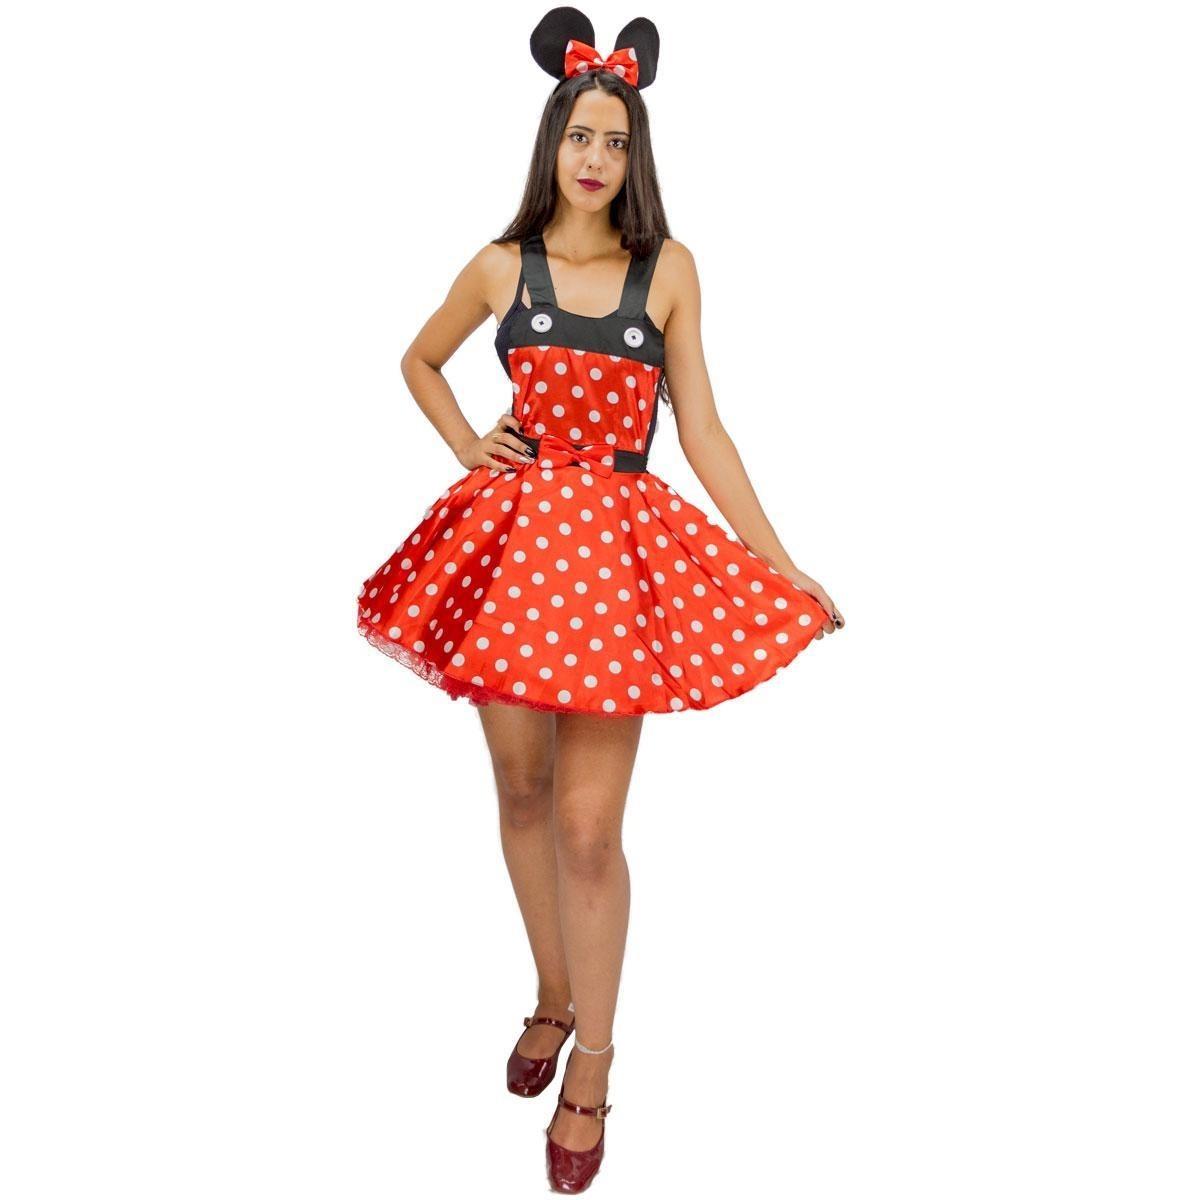 ea8d72d54 fantasia de carnaval feminina minnie vermelha adulta p ao g. Carregando  zoom.